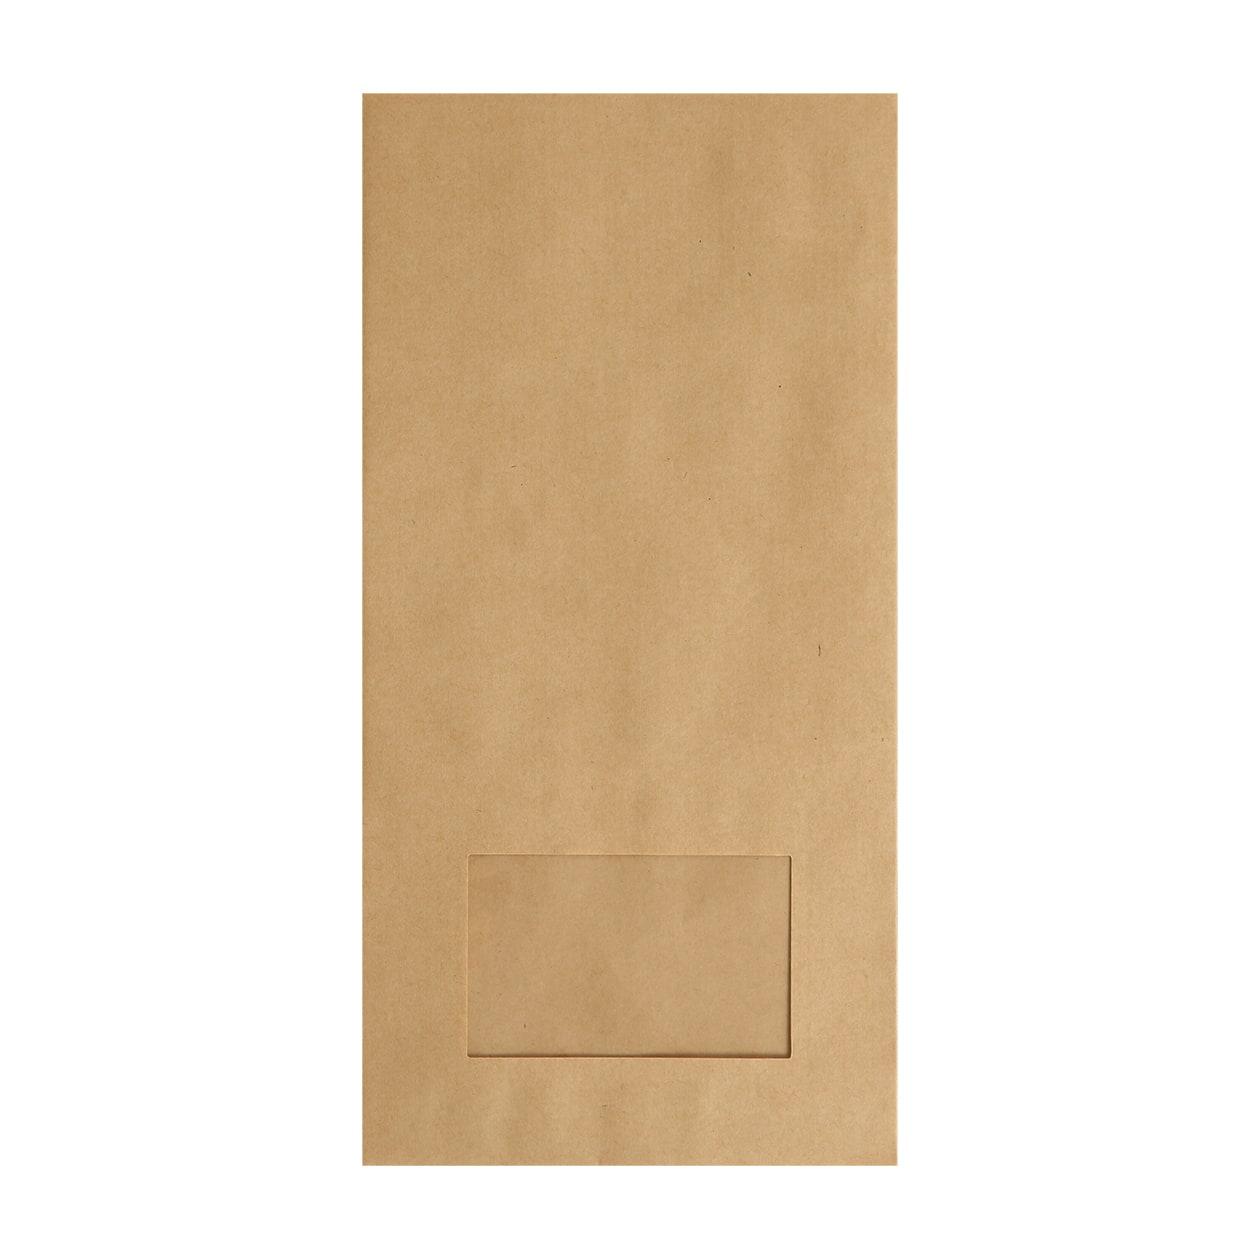 平袋160×320窓付 未晒(みざらし)クラフト 70g